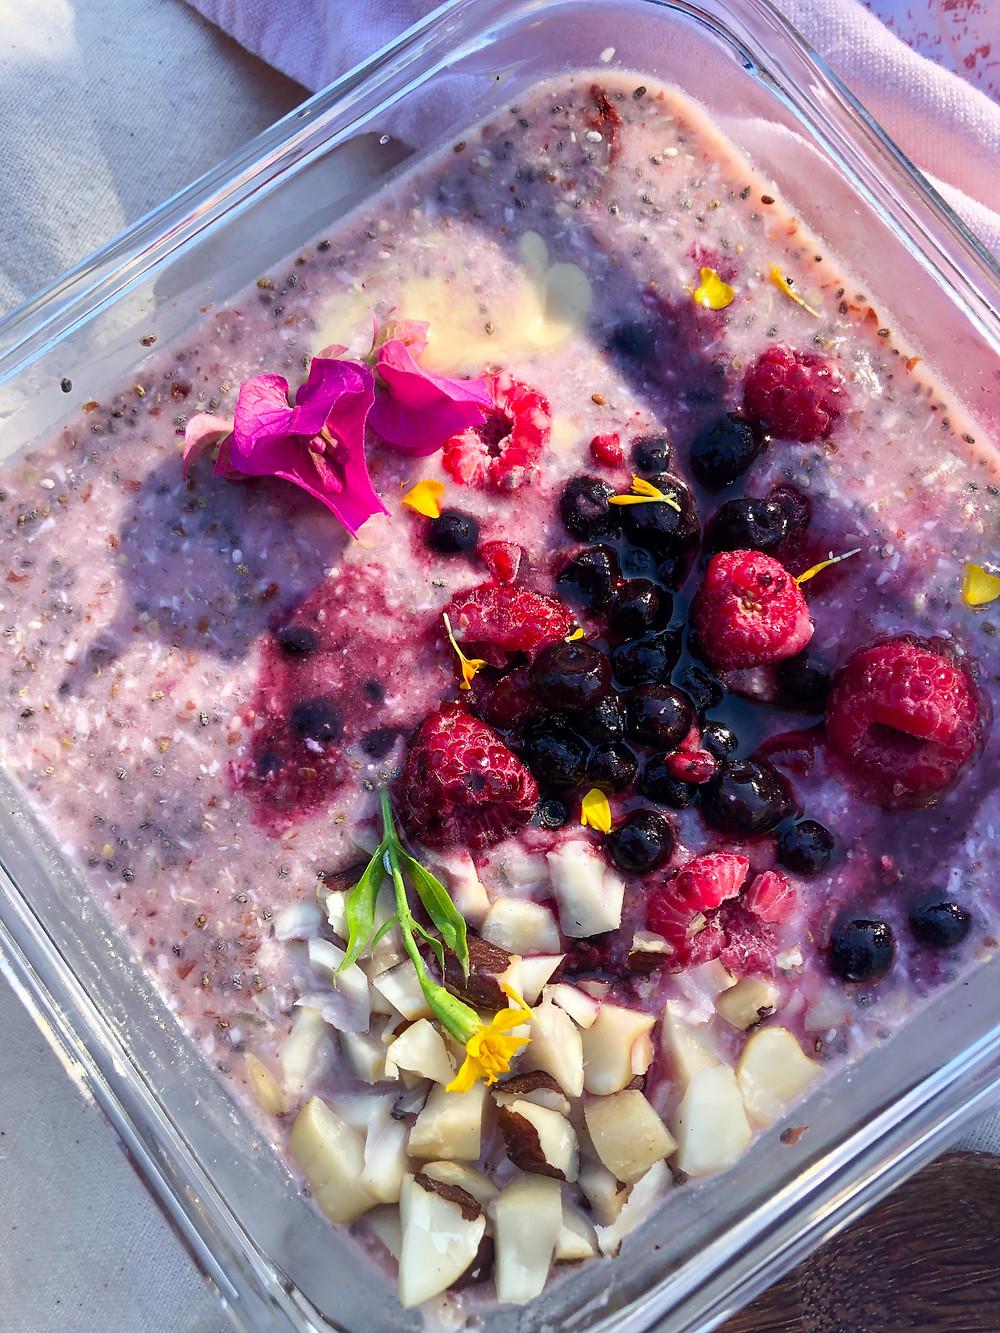 Healthy breakfast, petit déjeuner sain et rapide, facile. Bircher riche en fibres manger sain au quotidien recette